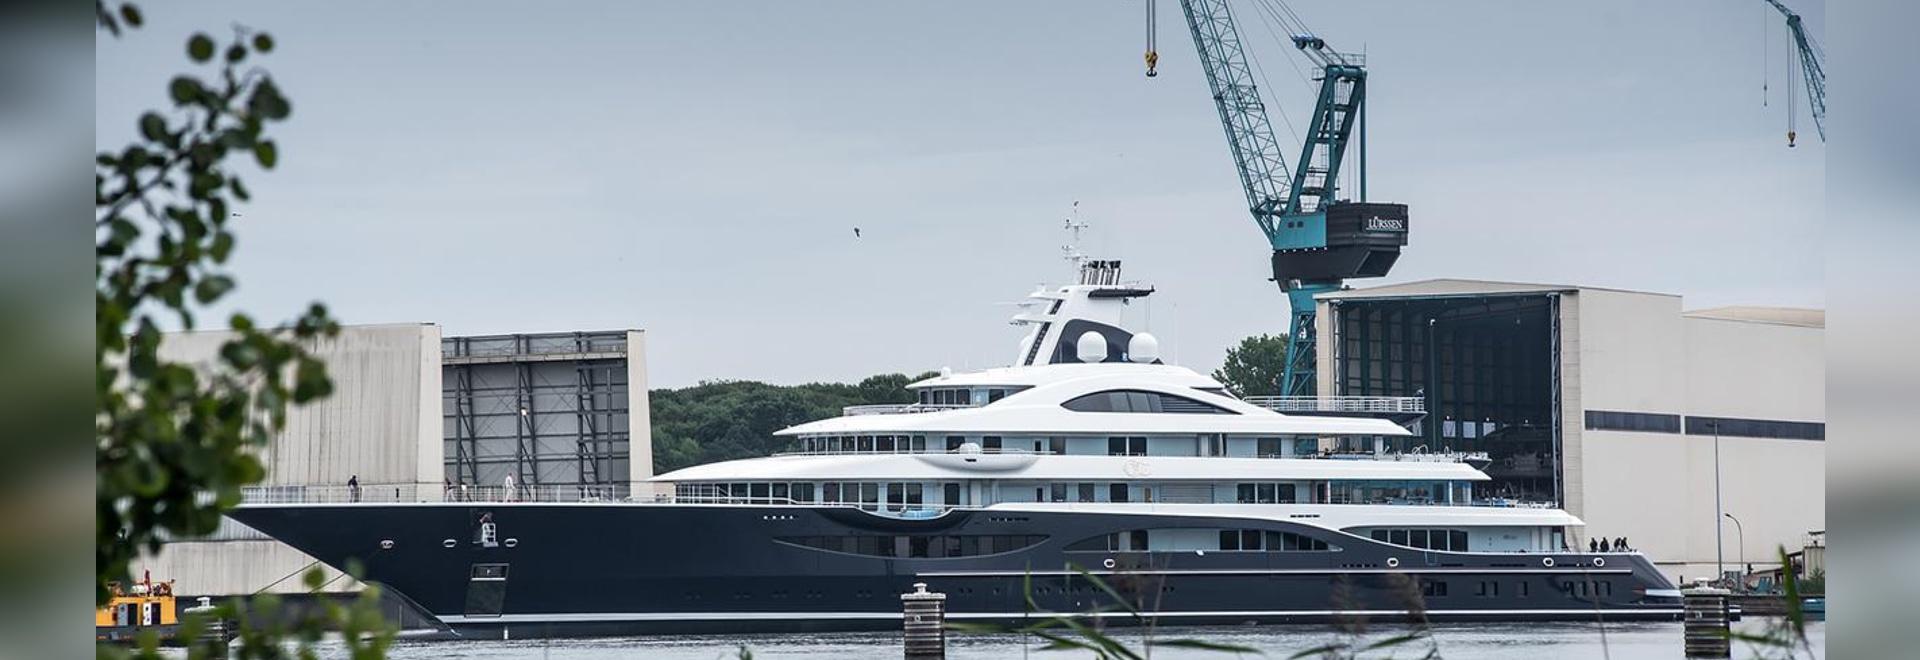 le projet TIS de superyacht de 111m a lancé par Lürssen